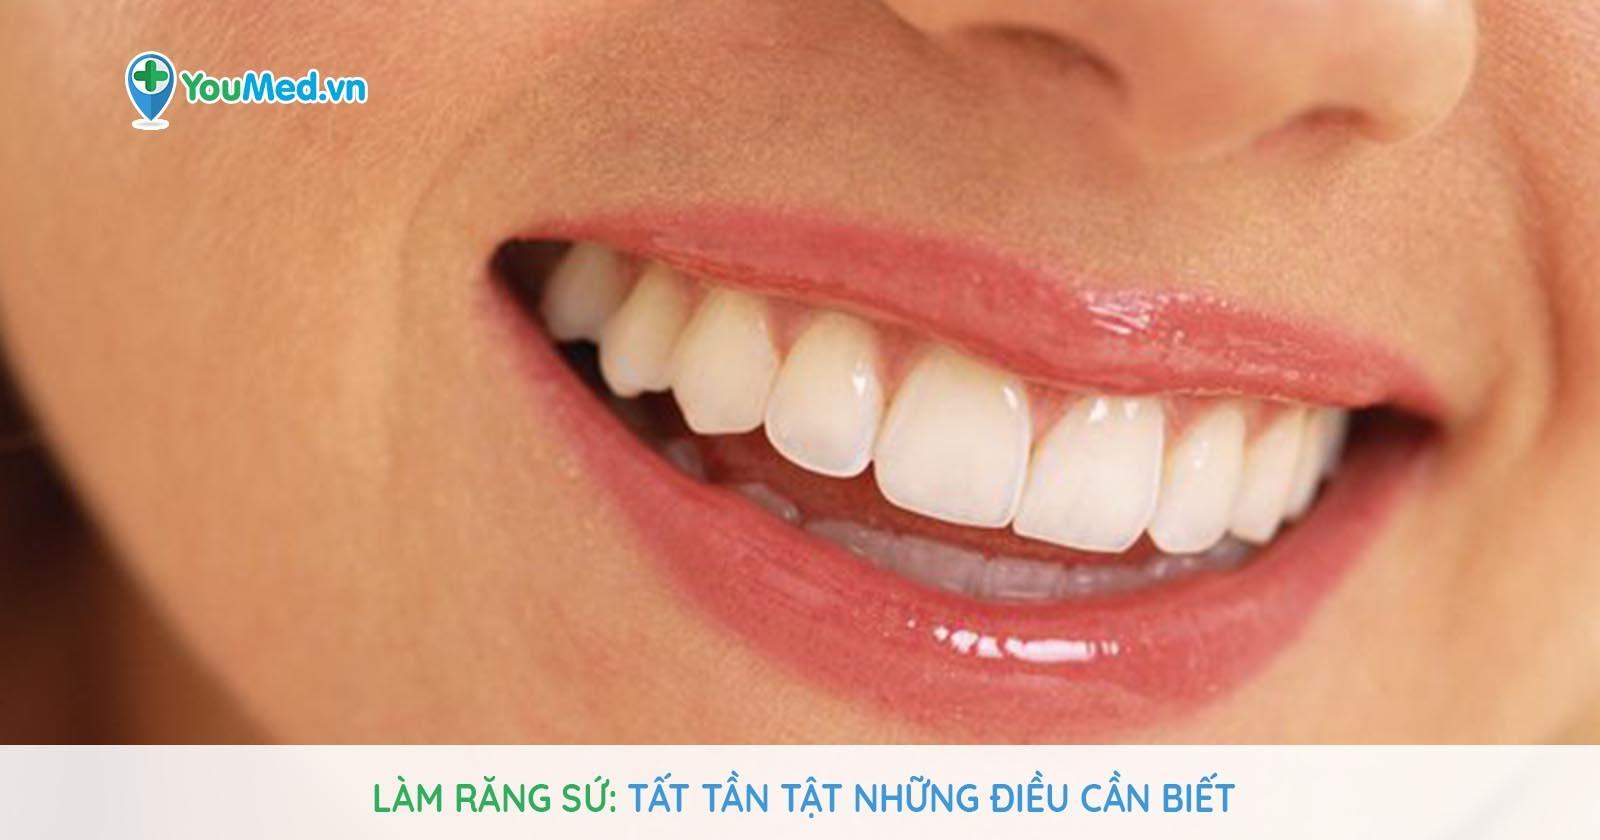 Làm răng sứ: Tất tần tật những điều cần biết